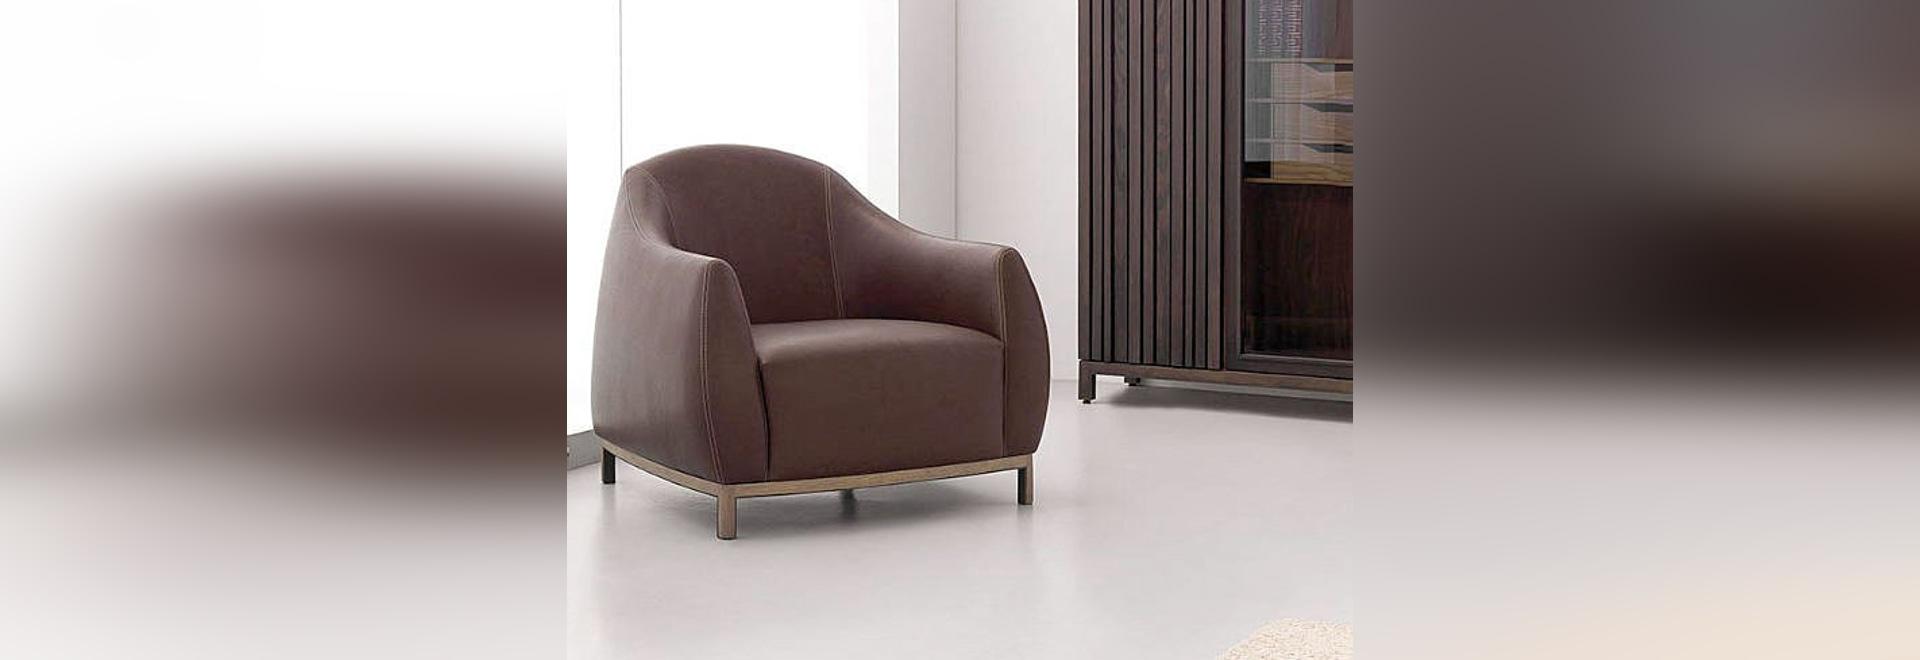 NOUVEAU : fauteuil traditionnel par MOBIL FRESNO - MOBIL FRESNO